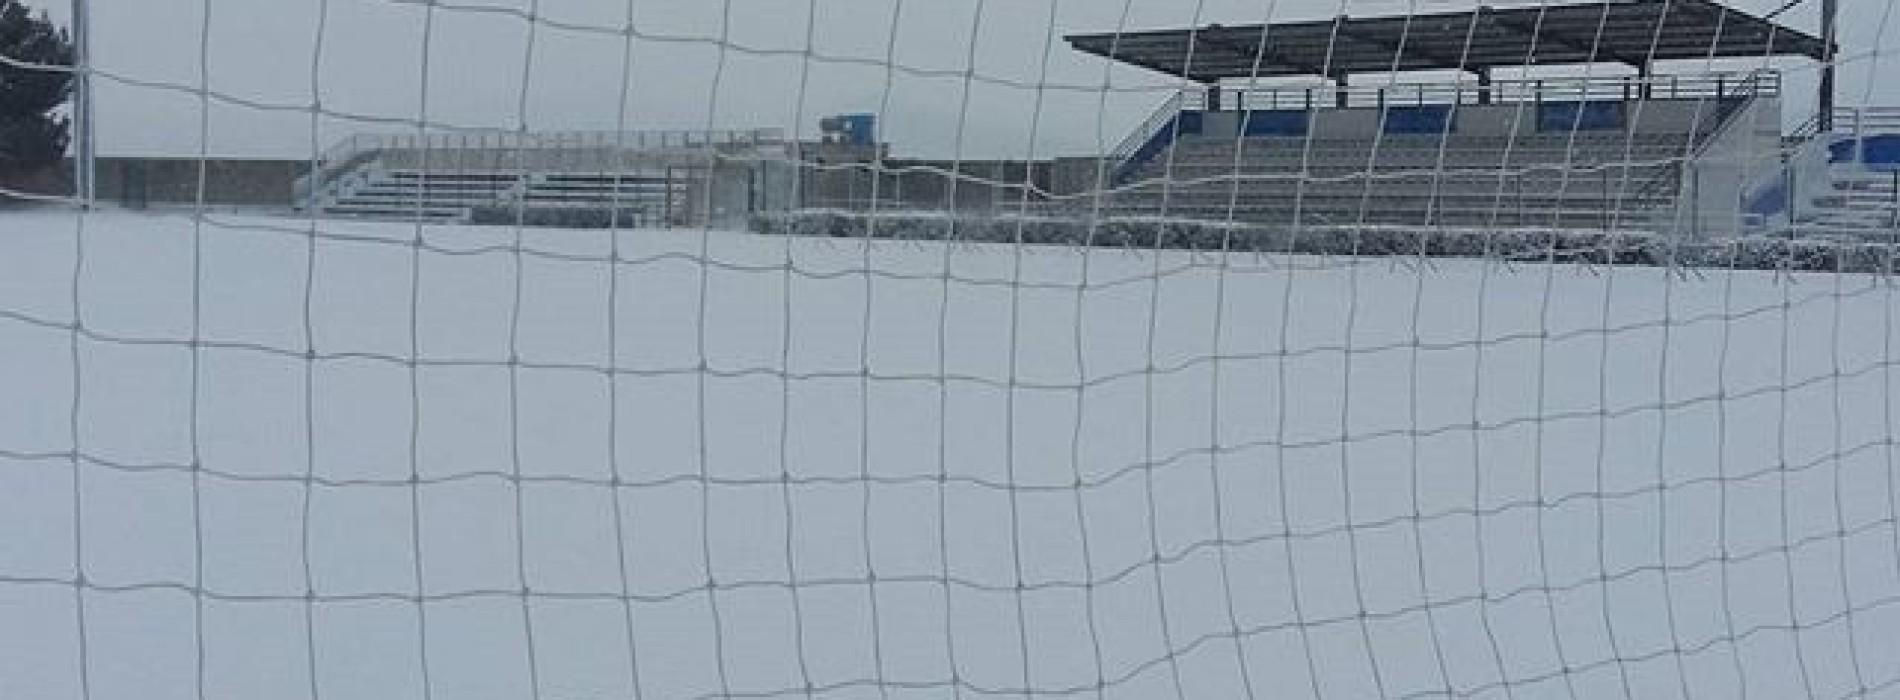 Maltempo: rinviate tutte le gare fino all'11 gennaio